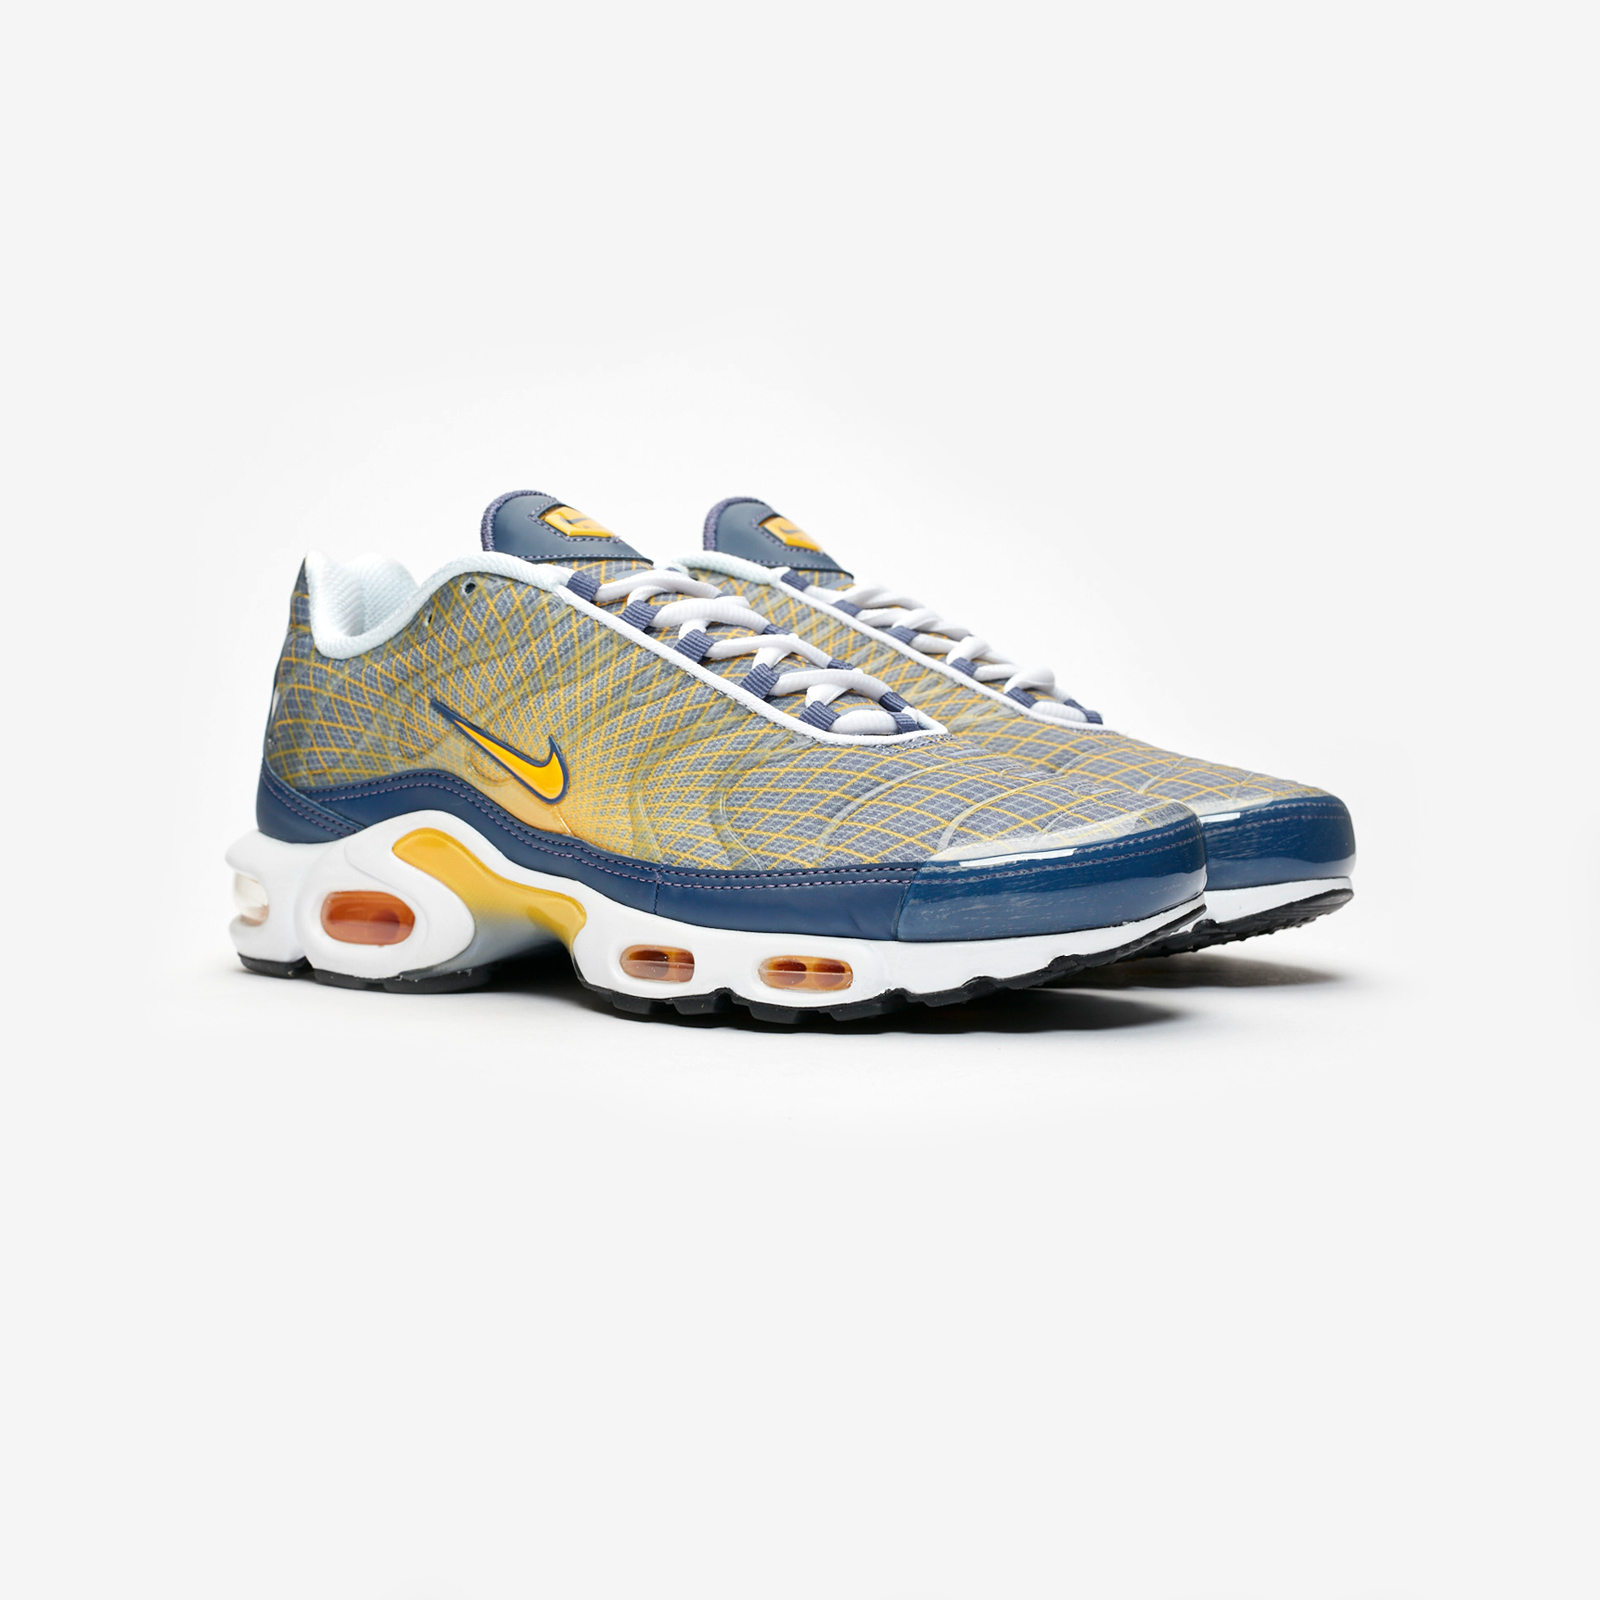 info for 1eaeb da9f2 Nike Air Max Plus OG - Bv1983-500 - Sneakersnstuff ...